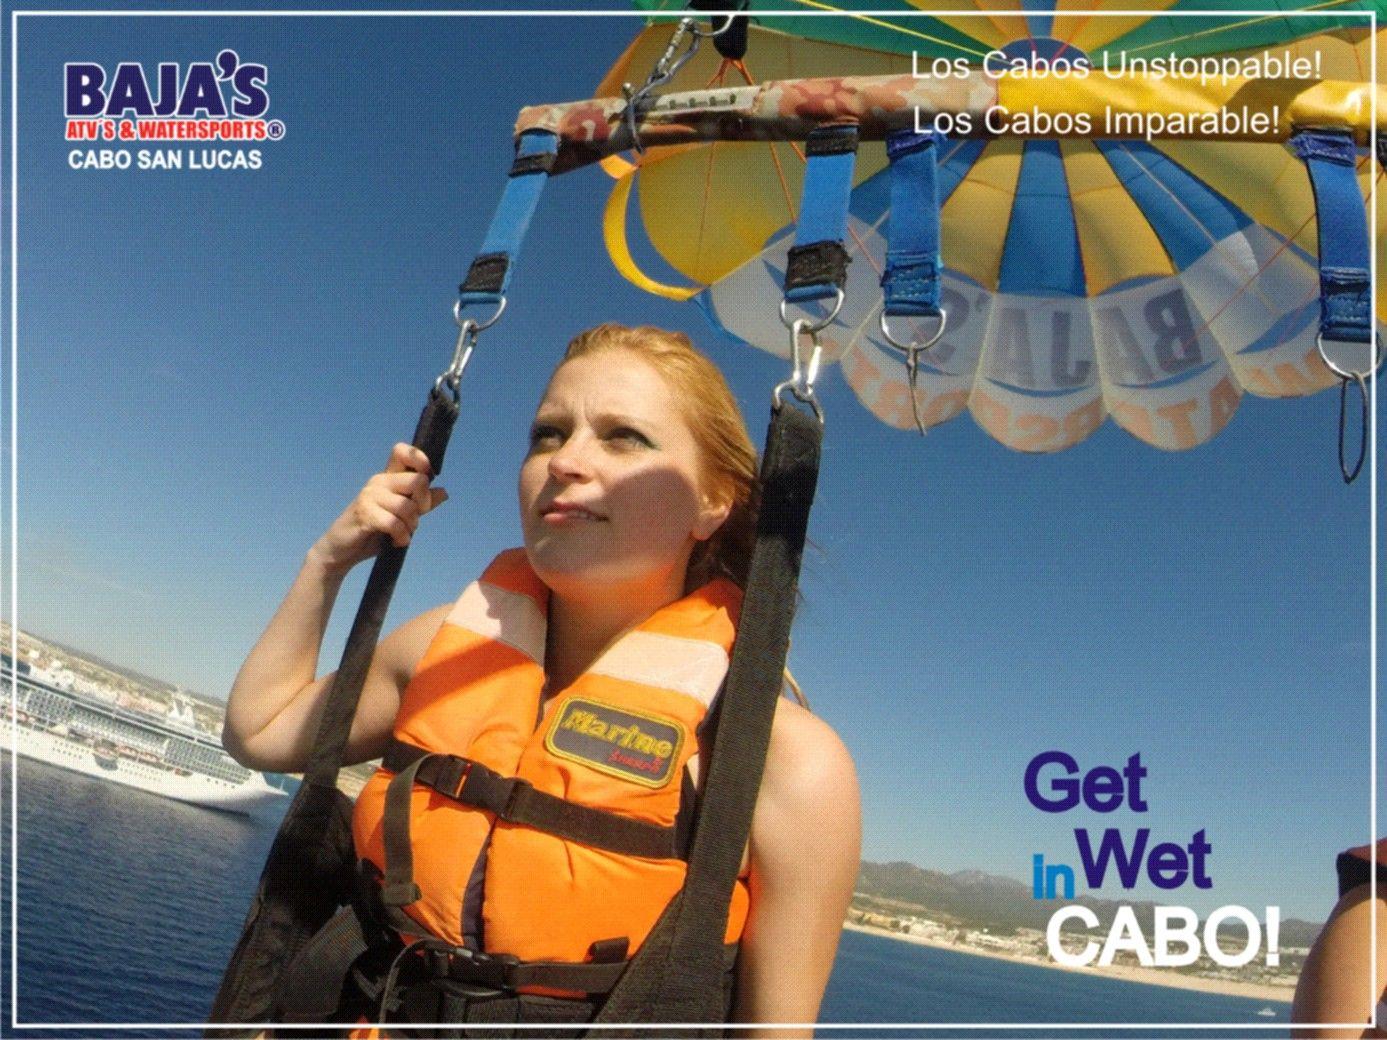 Enjoy Life in Los Cabos!  Disfruta de la Vida en Los Cabos!   www.bajaswatersports.com